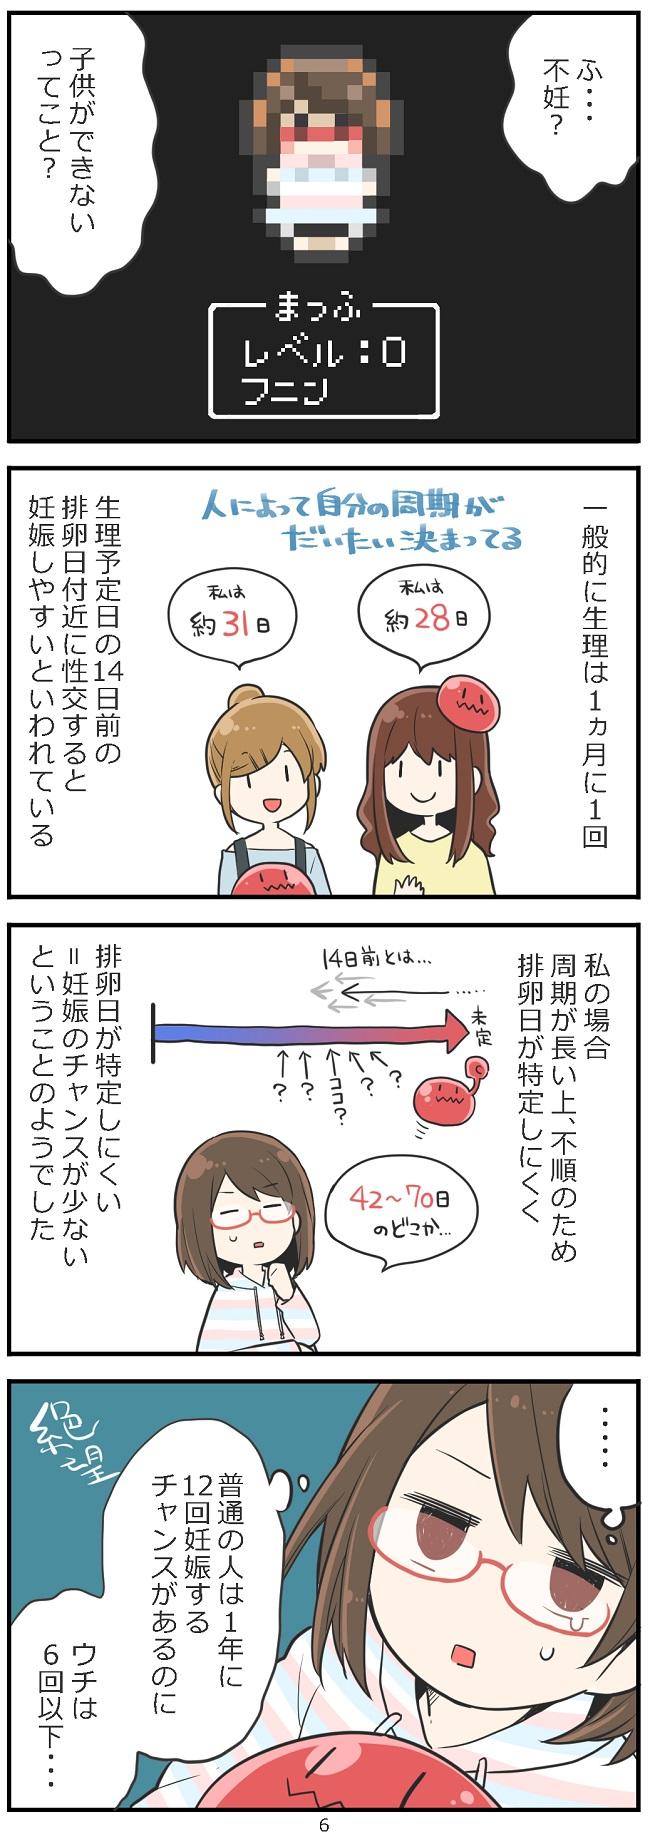 「妊活レベル1 まっふの冒険記」第6話